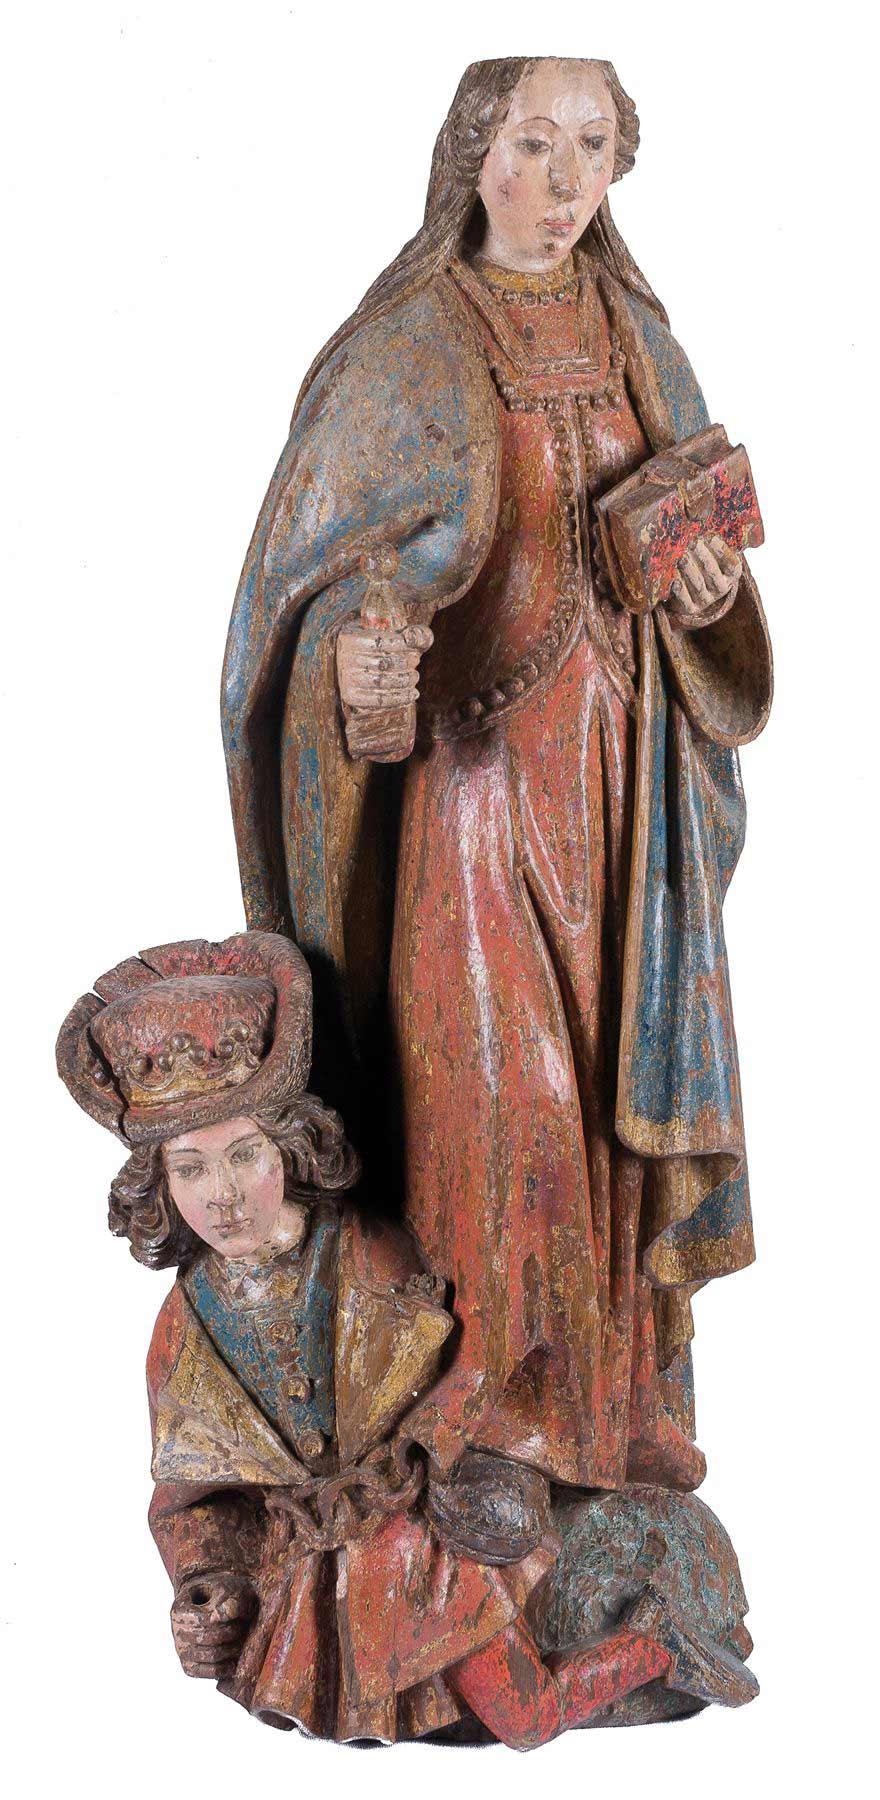 161-Santa-Catalina-de-Alejandría.-Escultura-en-madera-tallada-y-policromada.-Escuela-flamenca.-Gótico.-Siglo-XV.00b